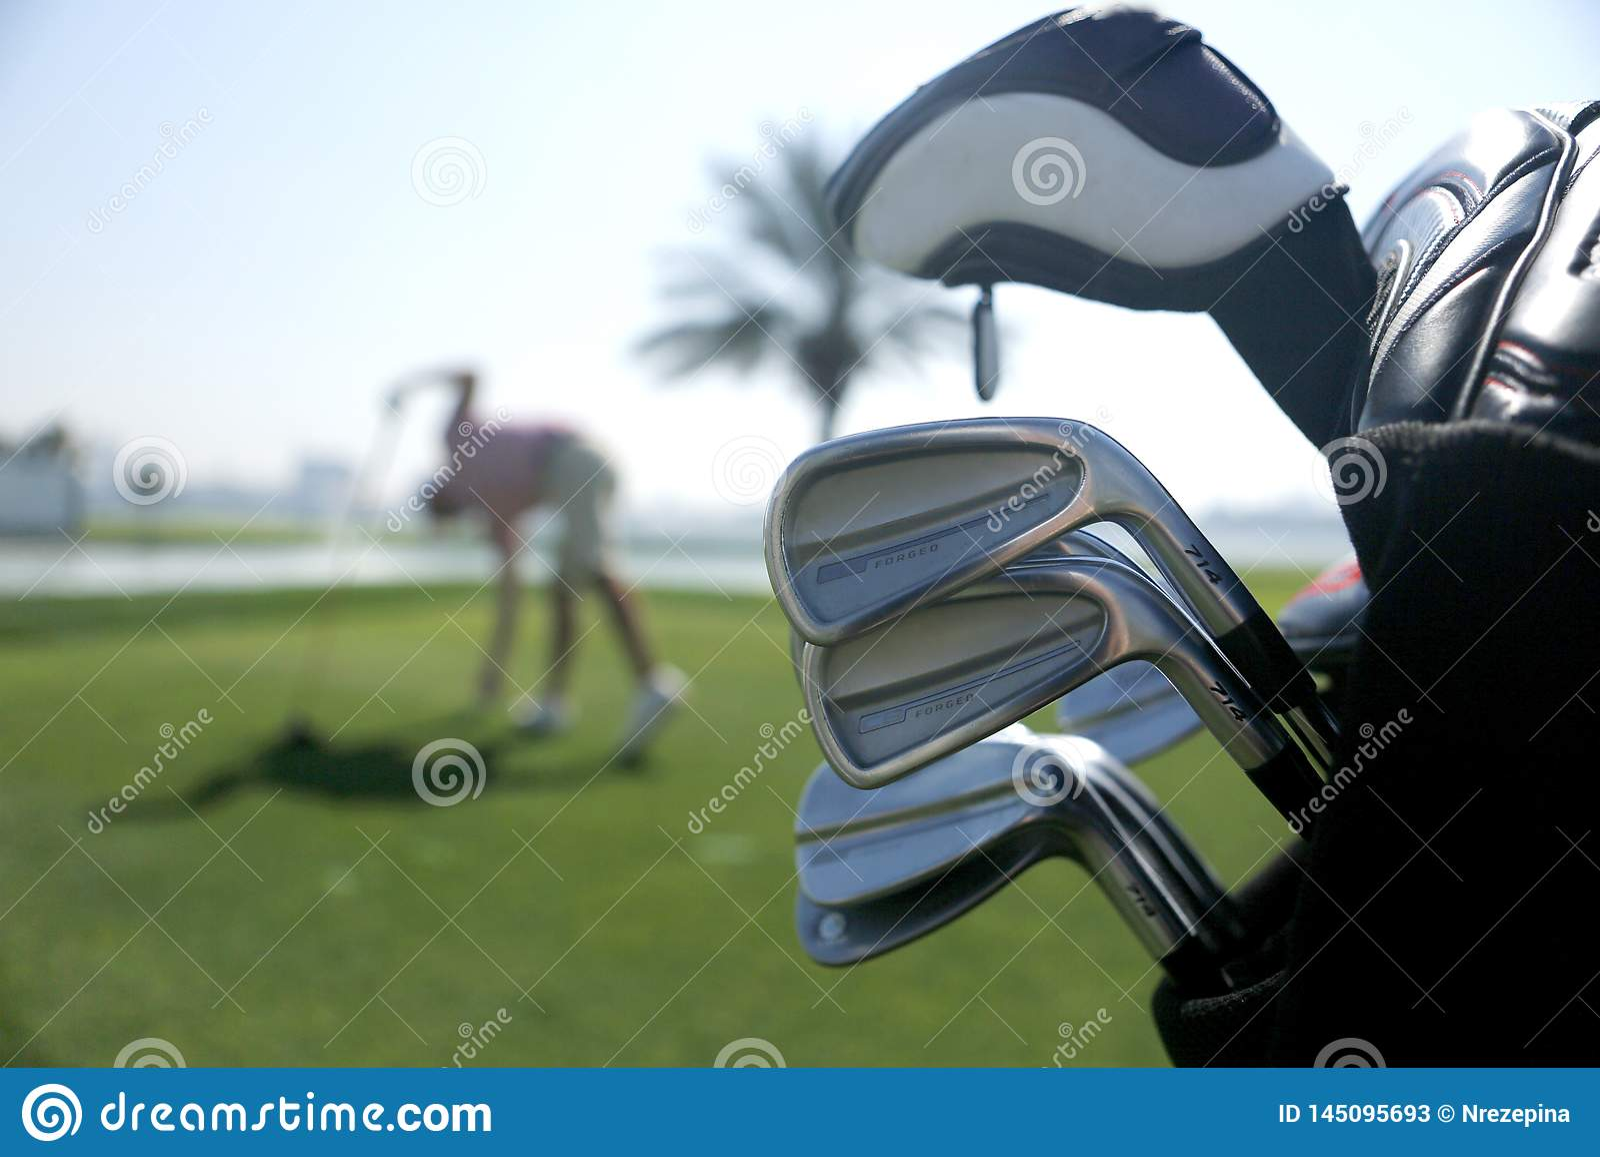 Sac de golf avec des clubs sur le plan et avec le joueur avant oscillation à l arrière-plan